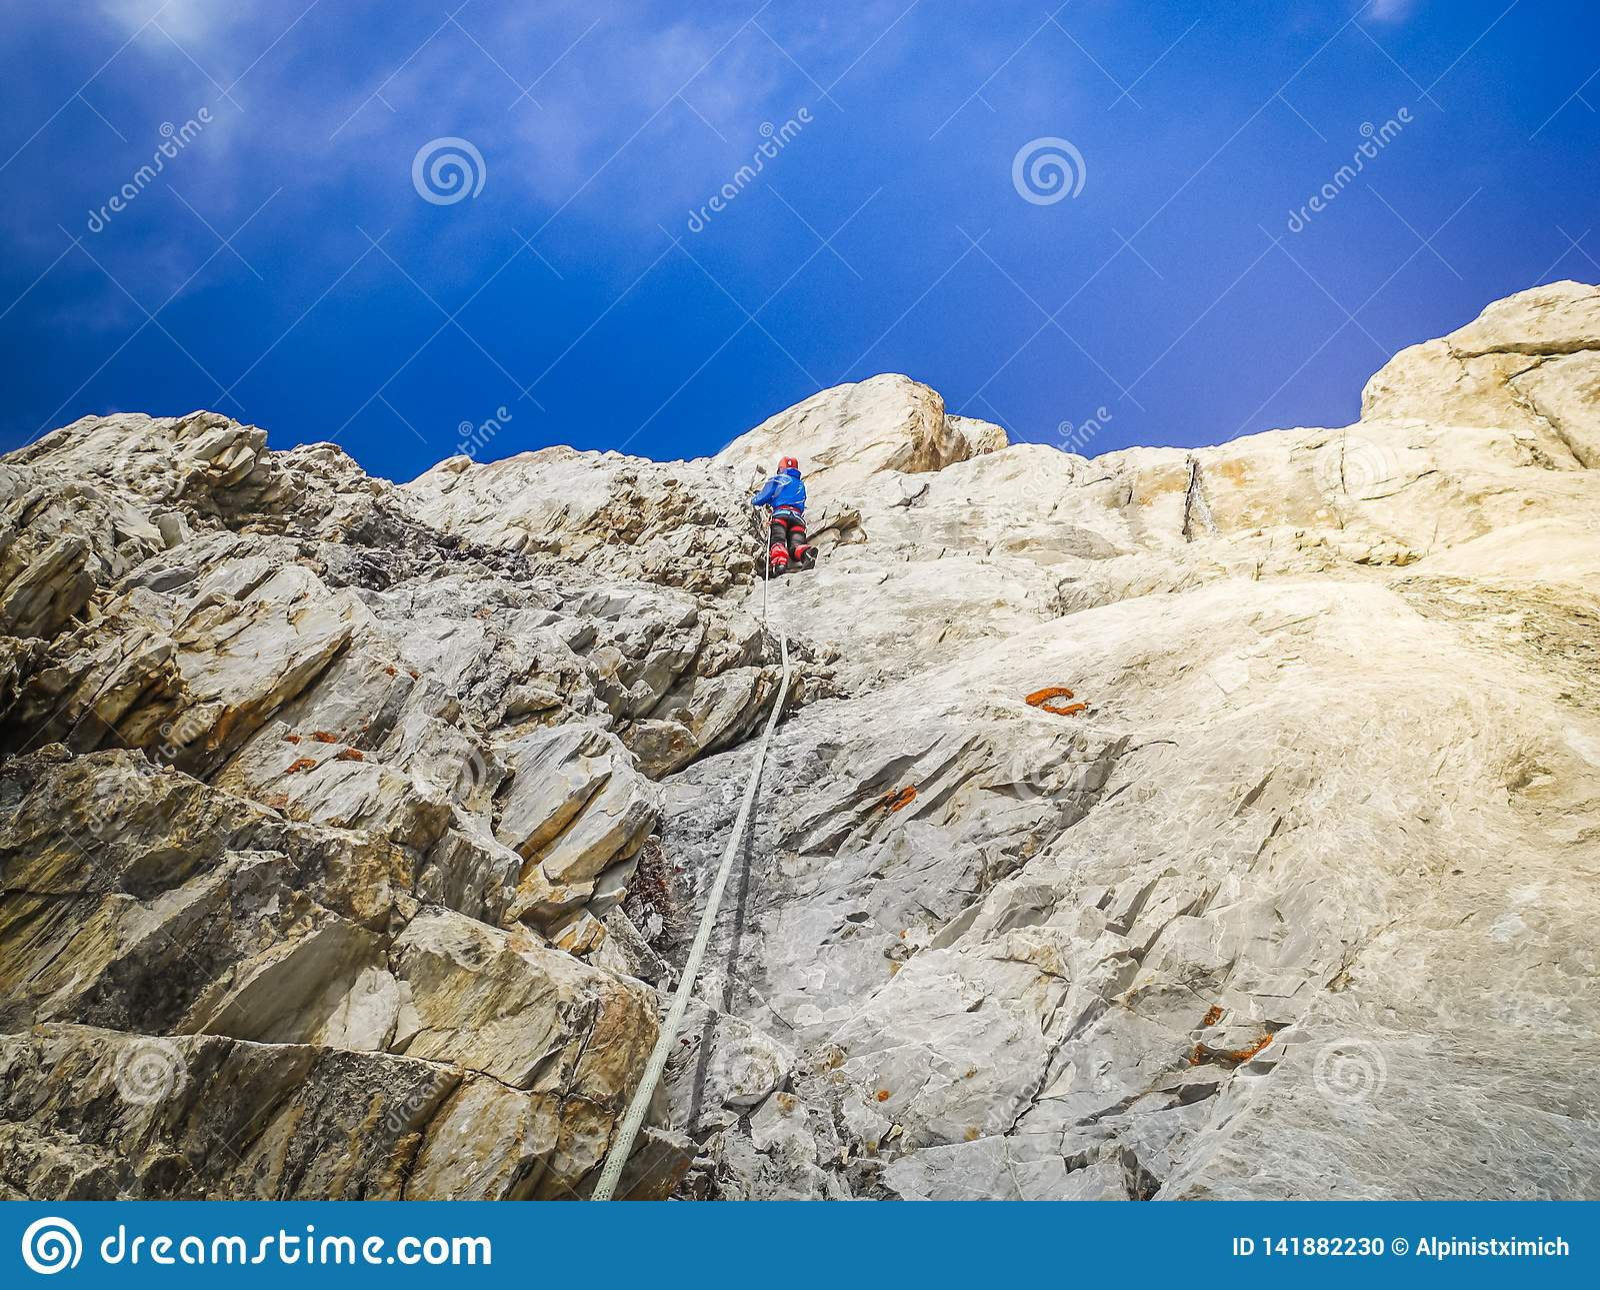 人登山人在上面攀登岩石壁架 极端休闲和冒险的概念